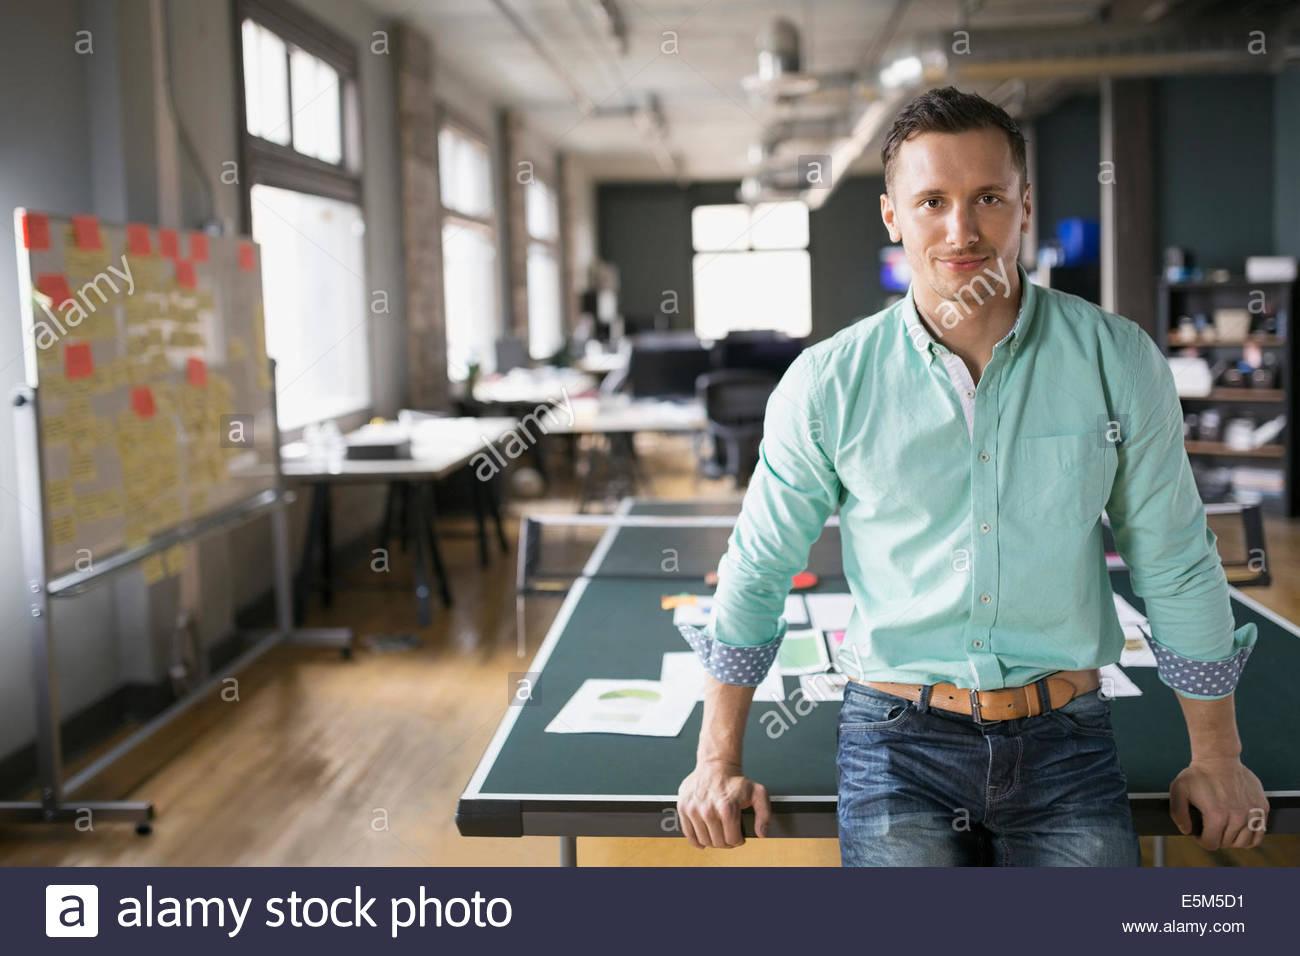 Kreative Geschäftsmann stützte sich auf Ping-Pong-Tisch Stockbild